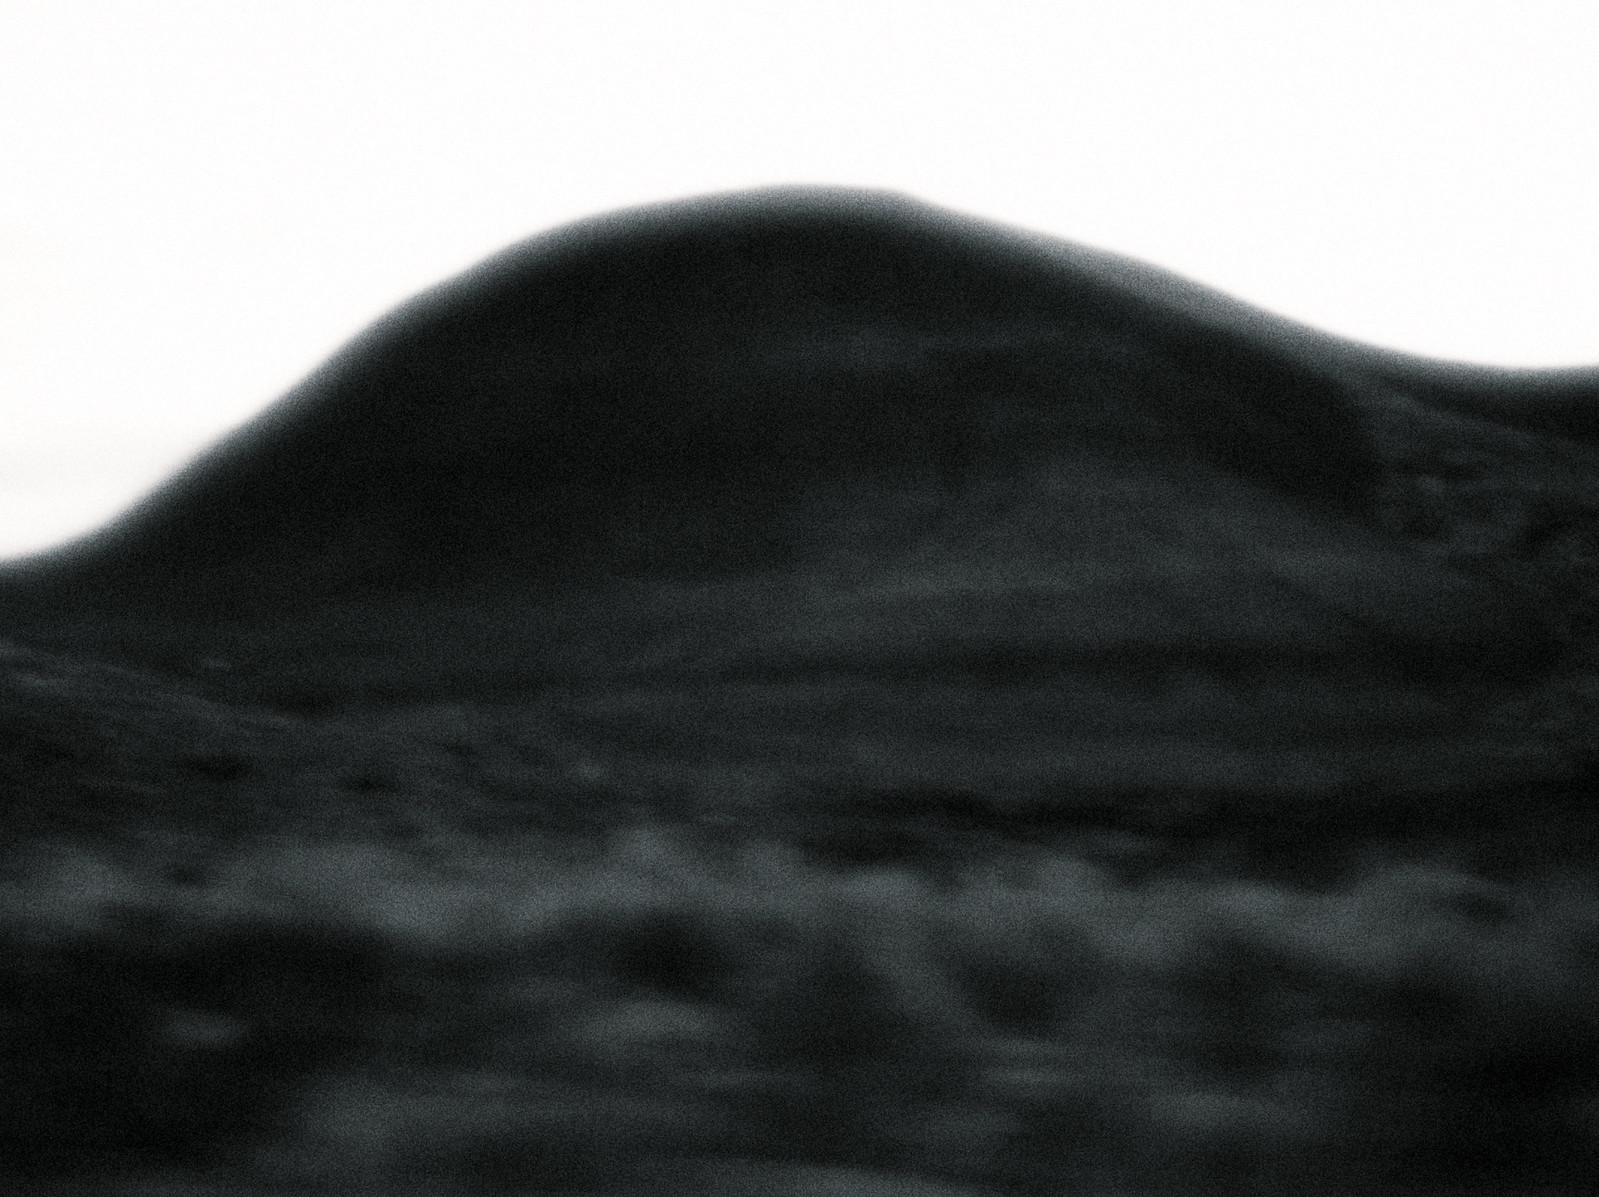 DSCN2934_f